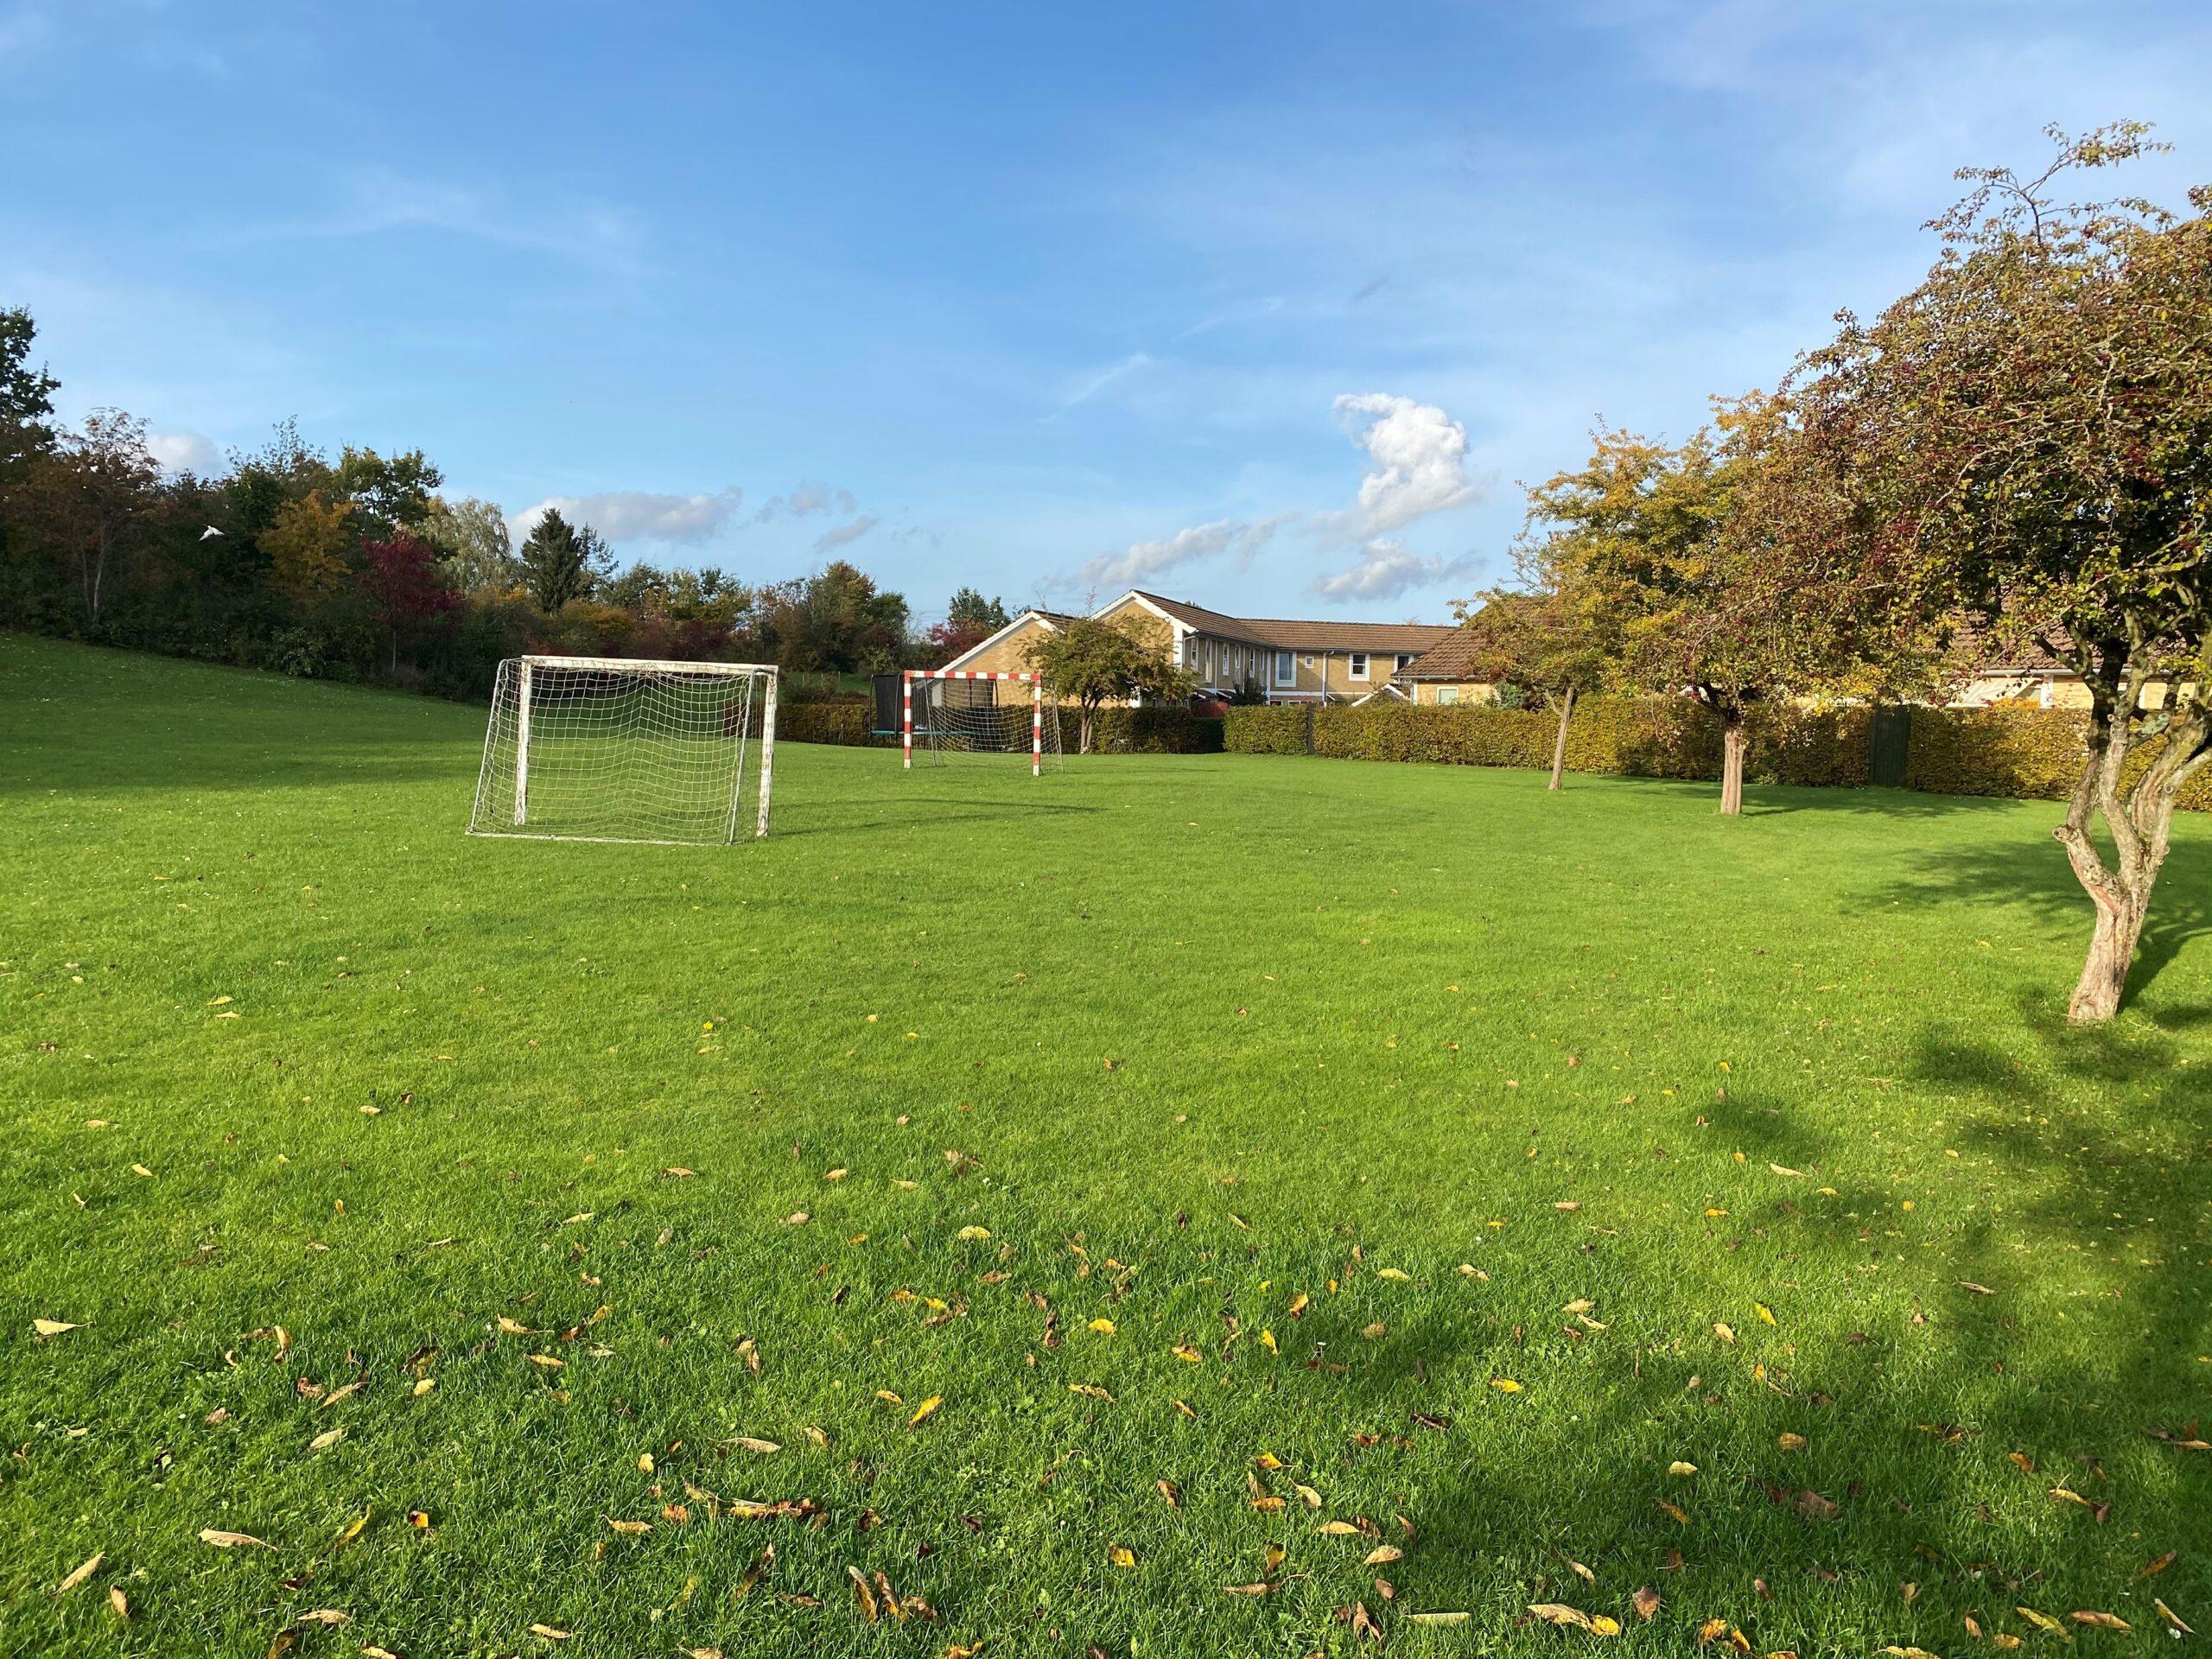 Egen fodboldbane til børnene